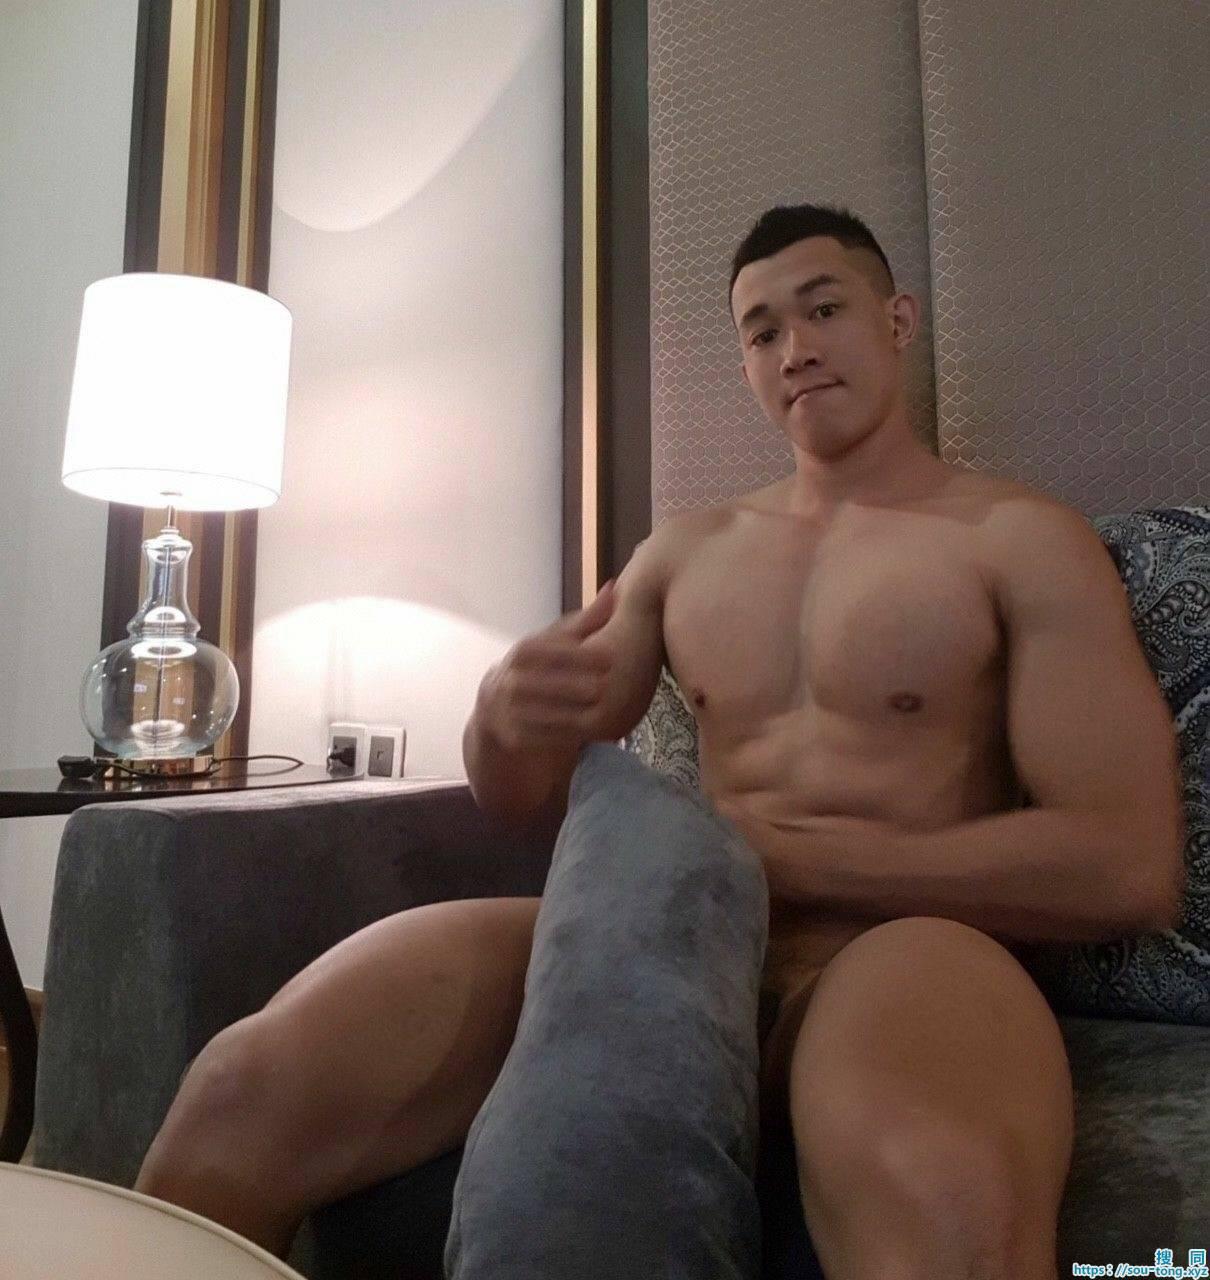 雄壮肌肉身材,无比的诱惑